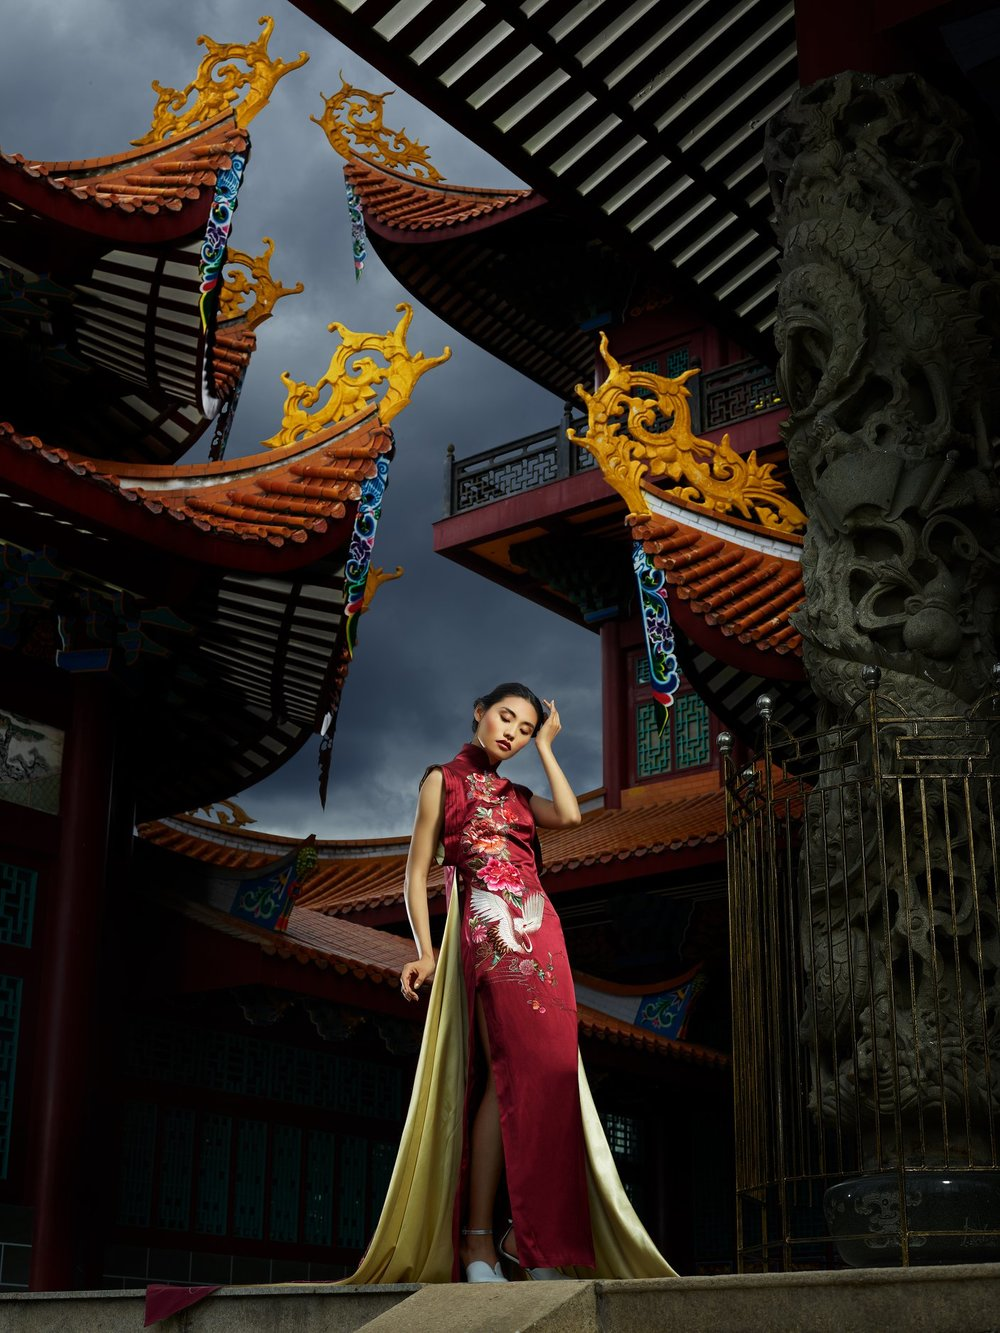 ZENG FENG FEI COLLECTION - FUZHOU, CHINA